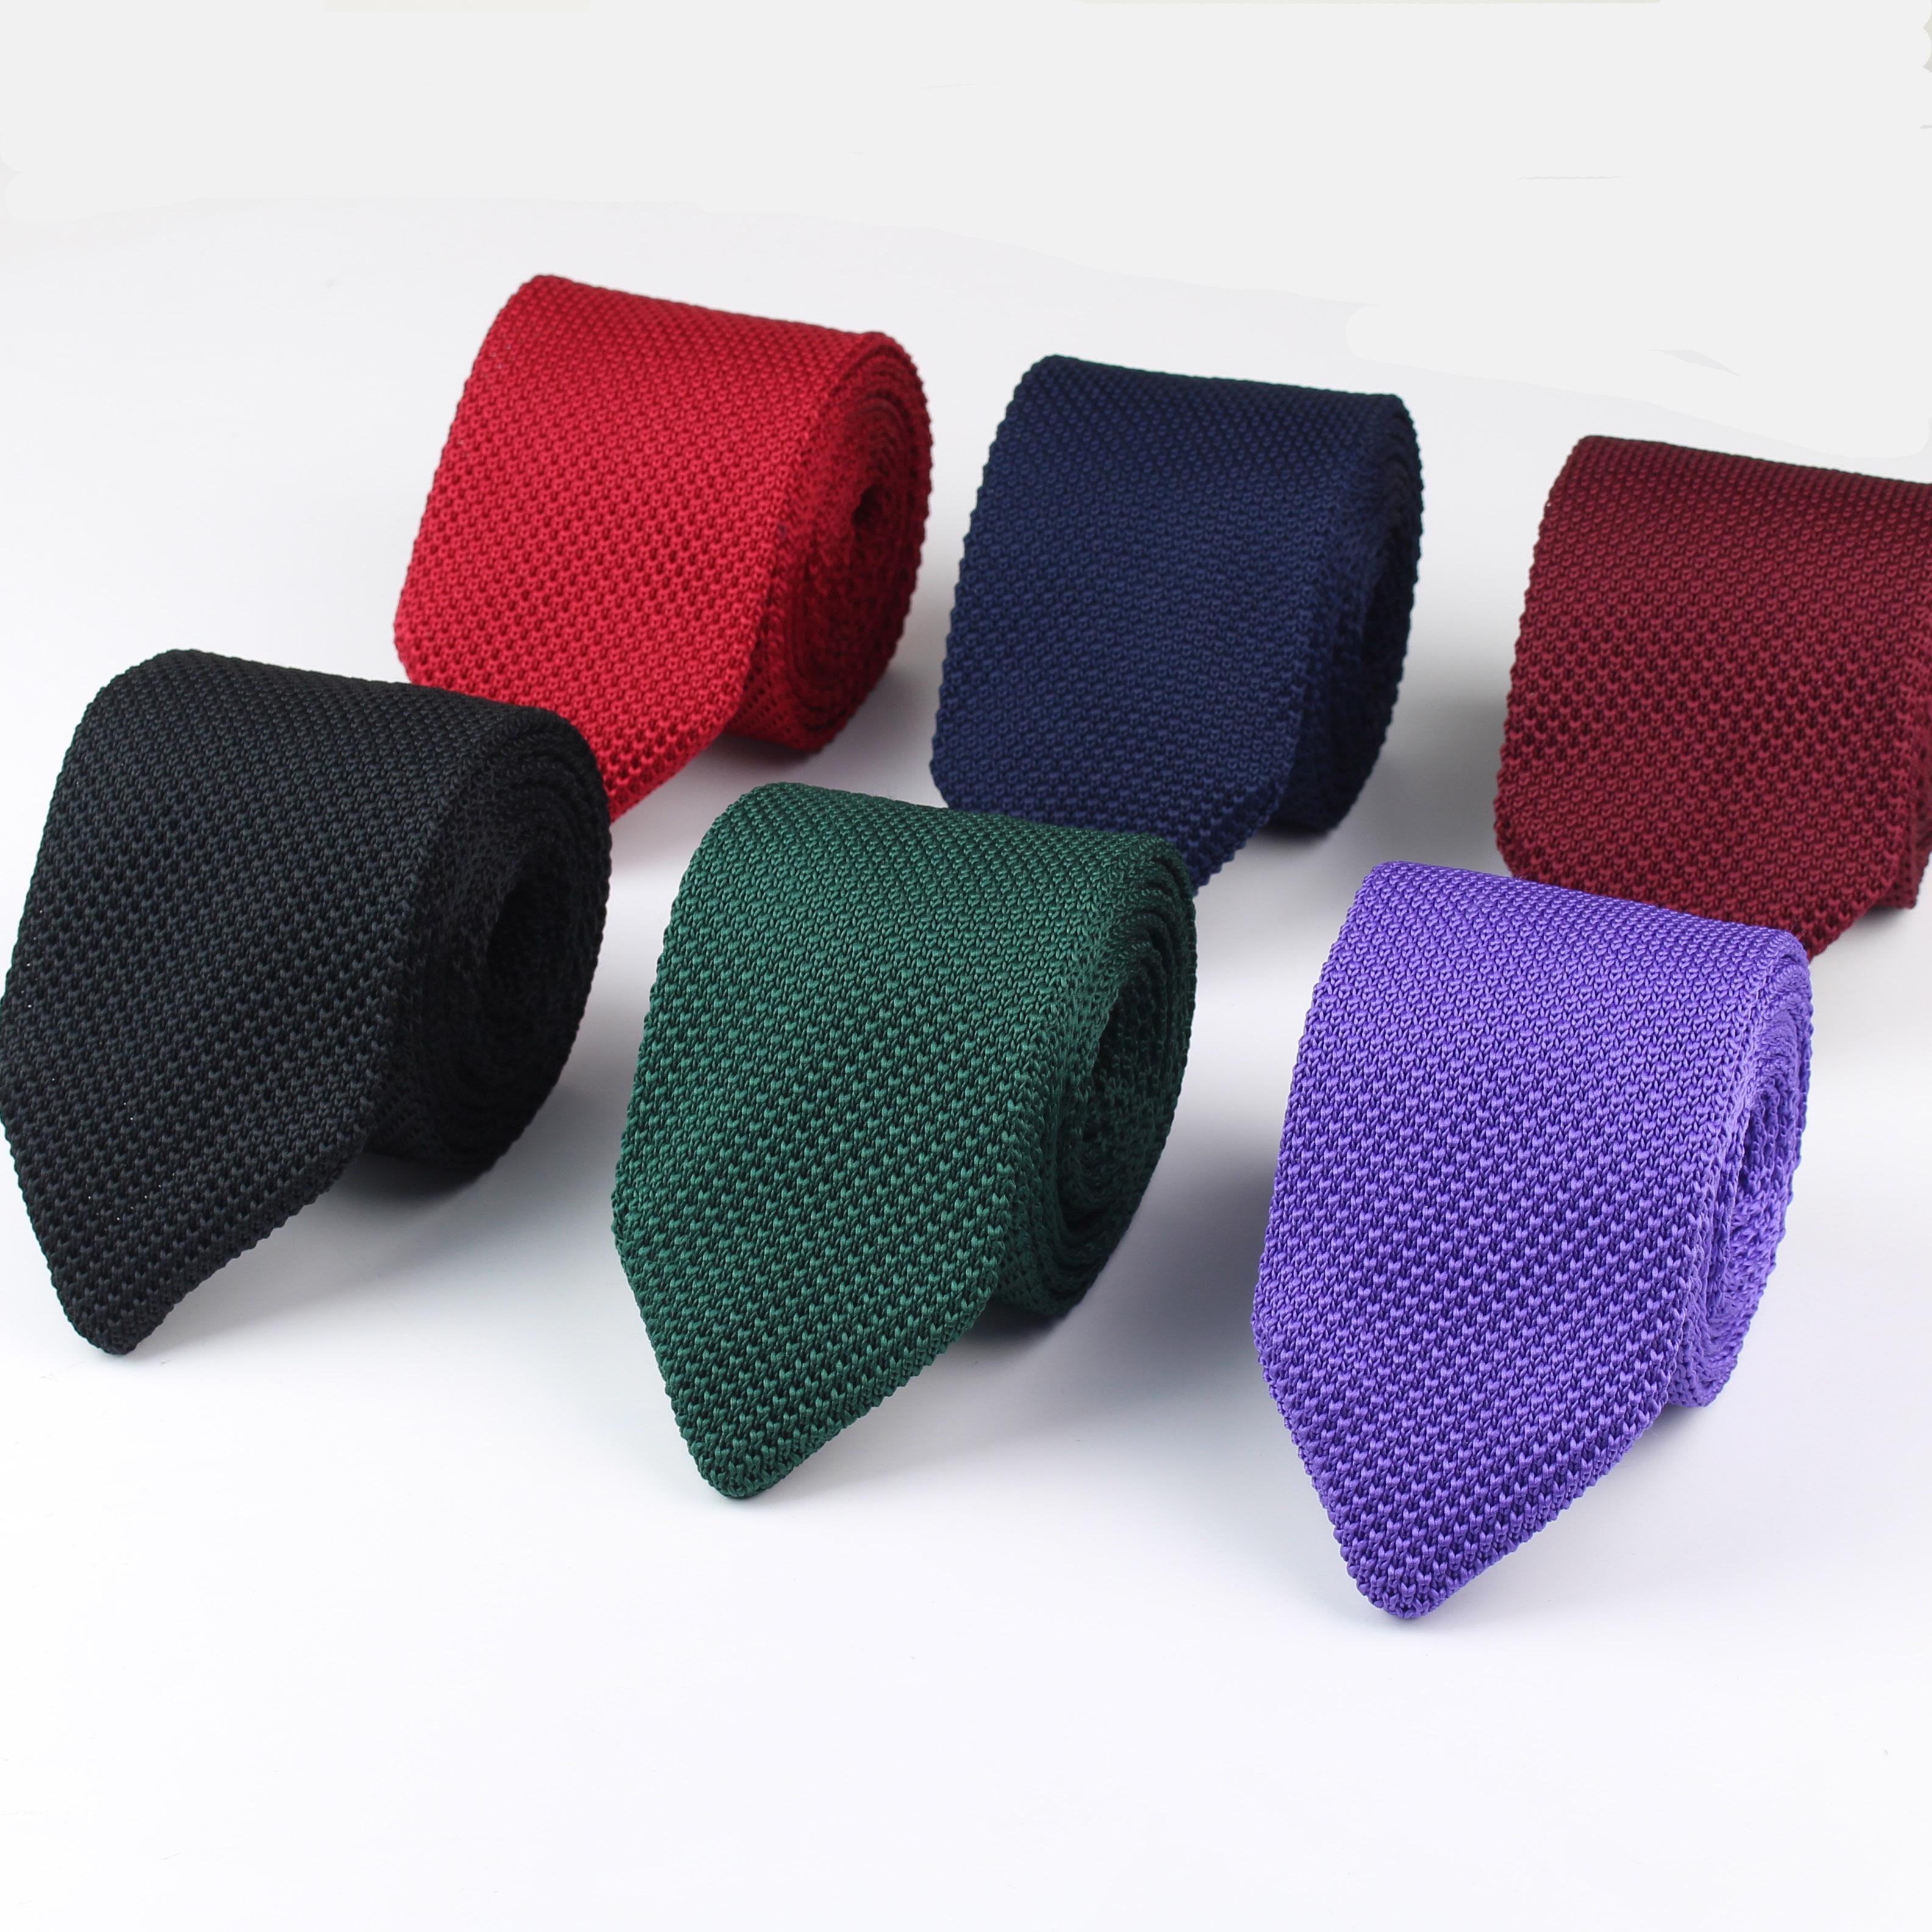 Новые Вязаные Досуг треугольник сплошной цвет Галстуки нормальный острого угла галстуки для мужчин классические Тканные дизайнерские галстук